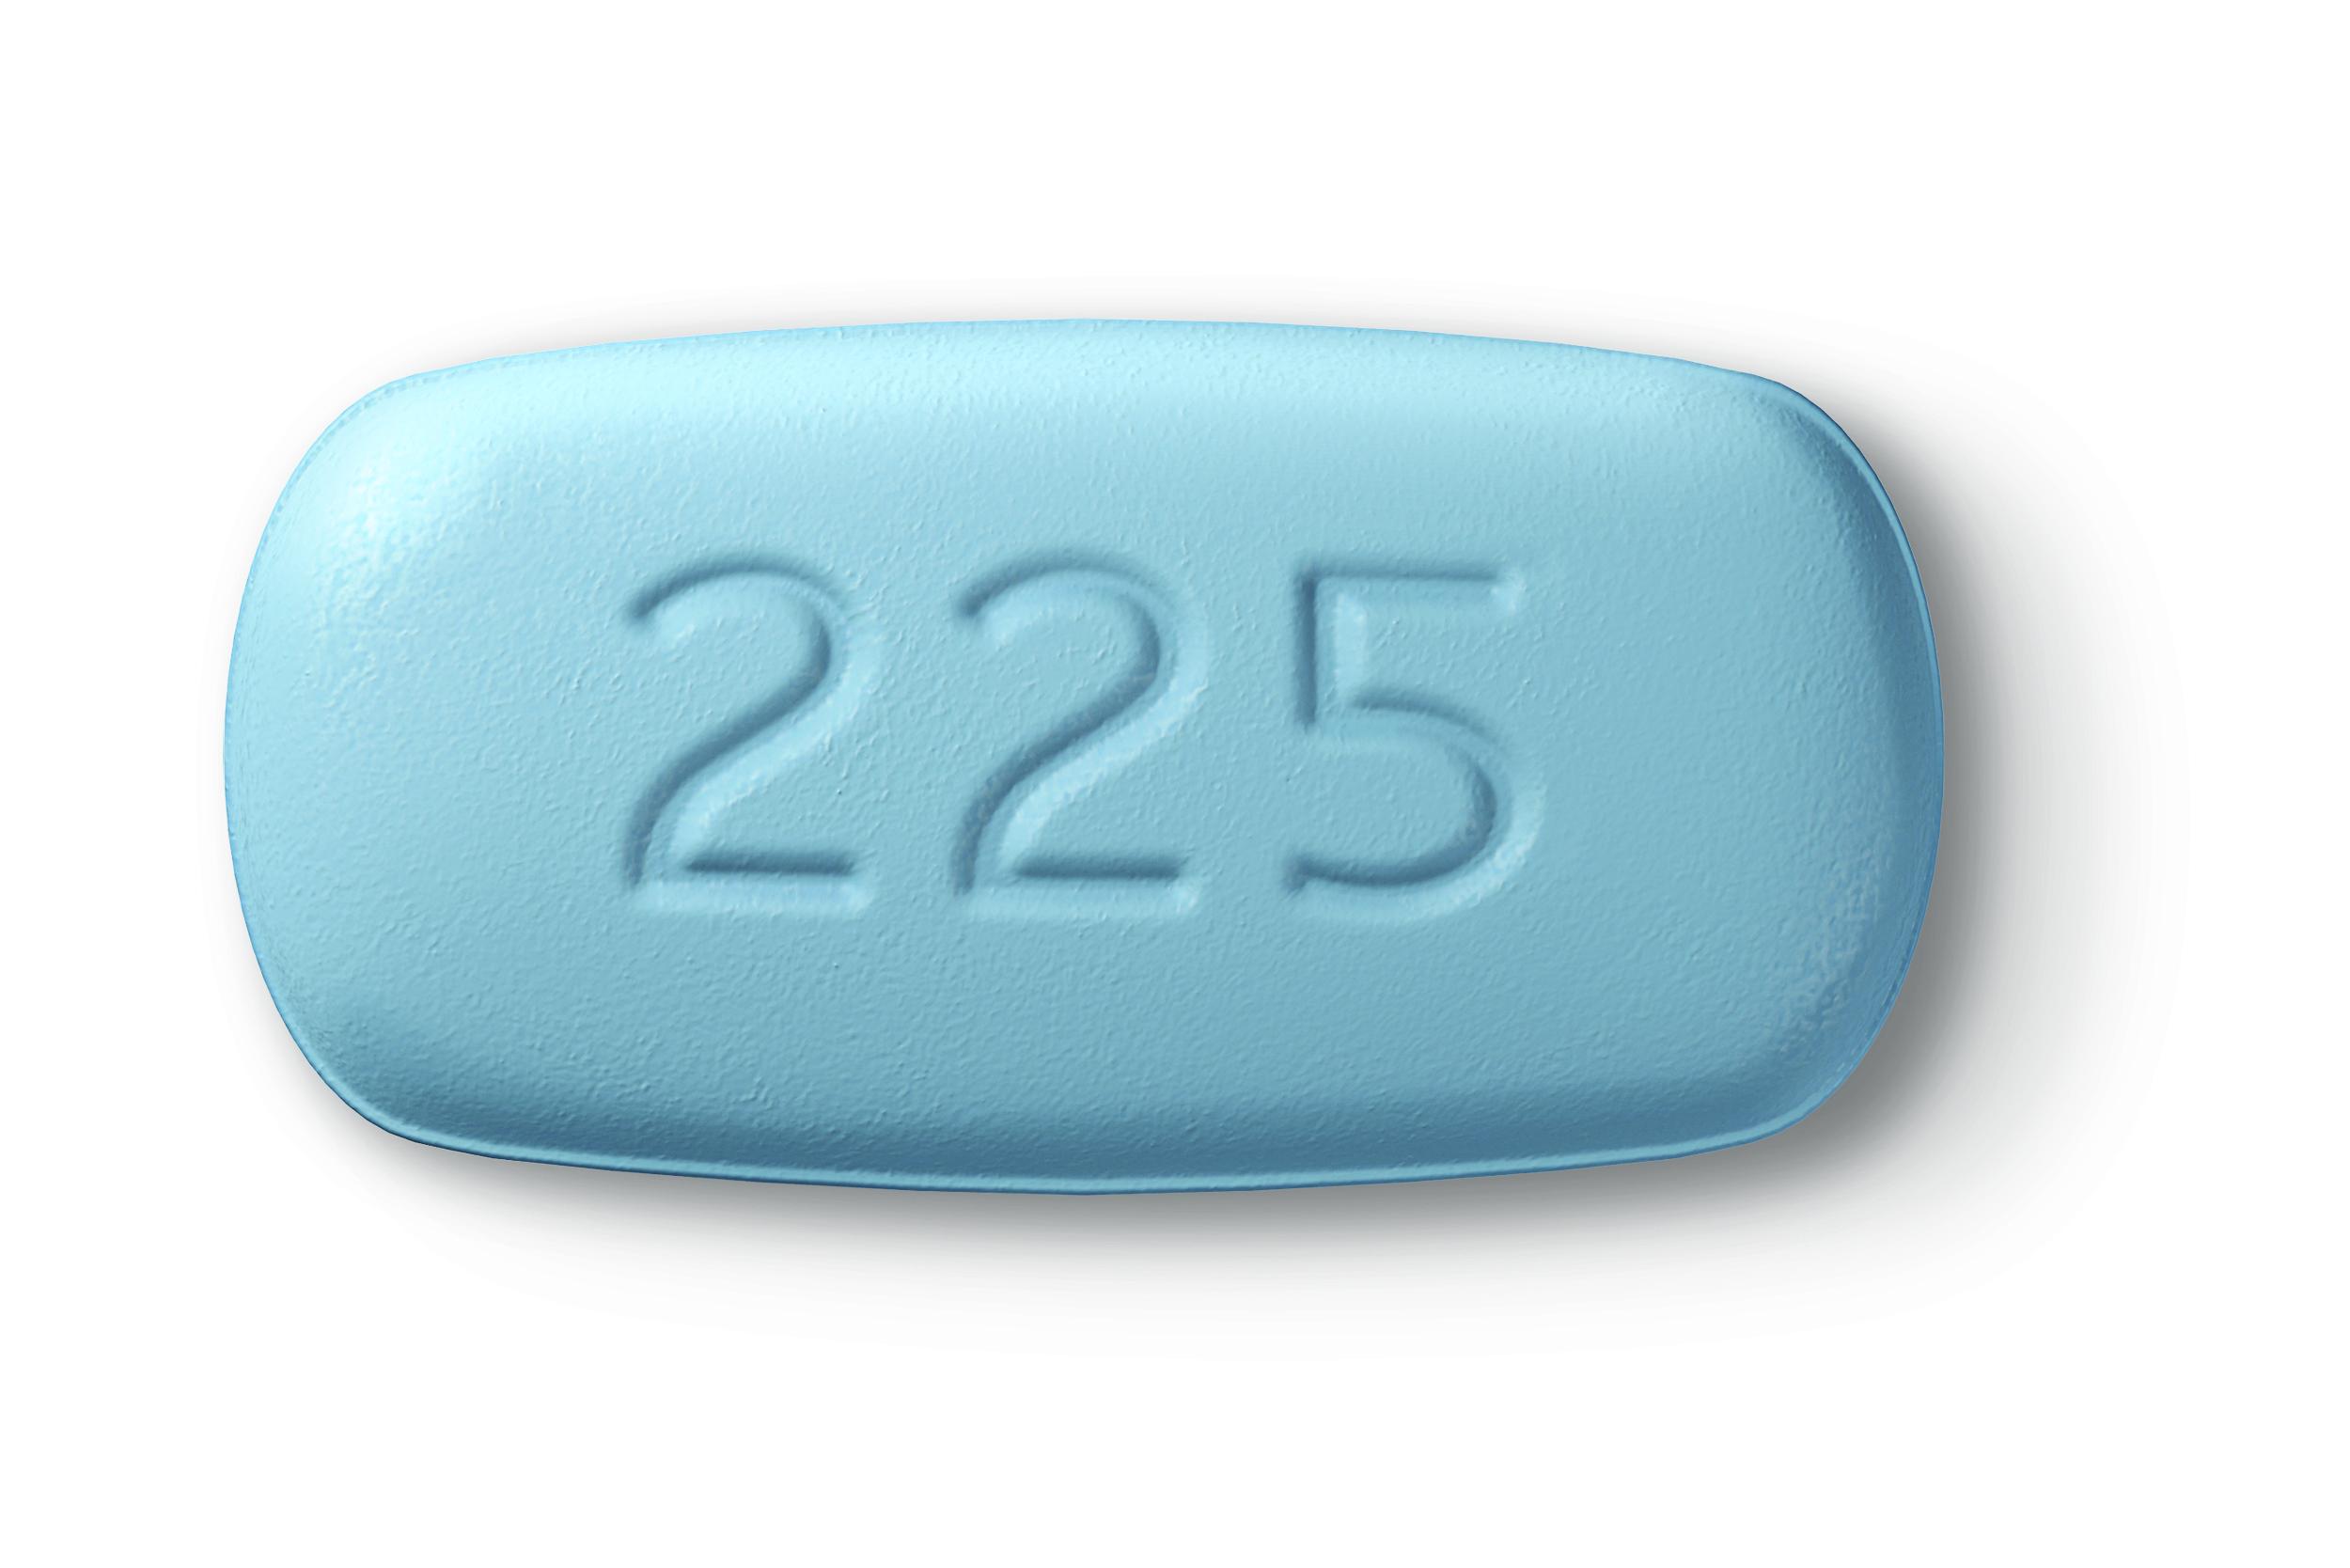 California OKs prescription-free PrEP for HIV prevention